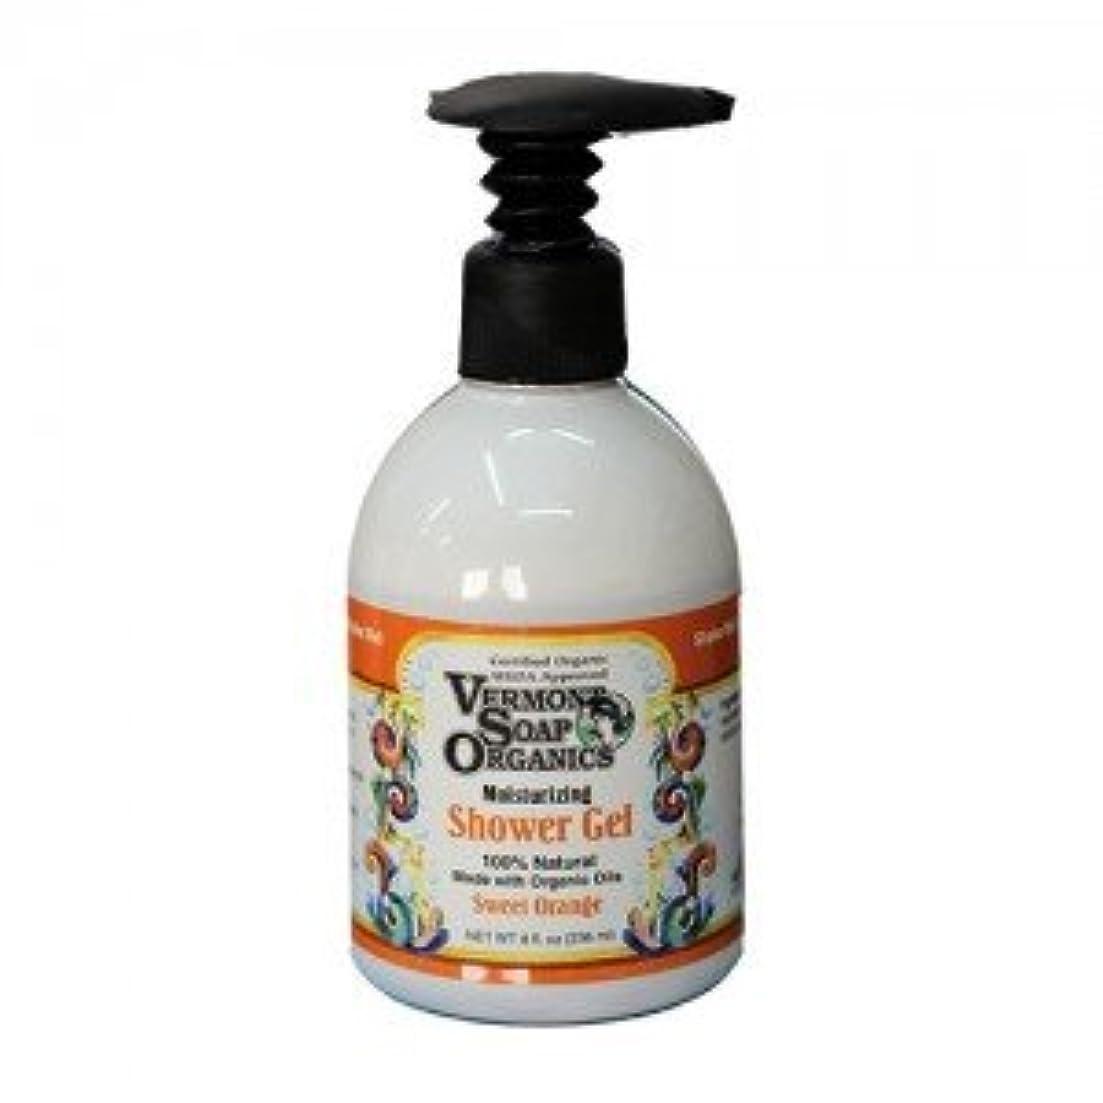 切断する値アスレチック100%天然成分のオーガニック石鹸 バーモントソープ バス&シャワージェル 236mlボトル (スイートオレンジ)